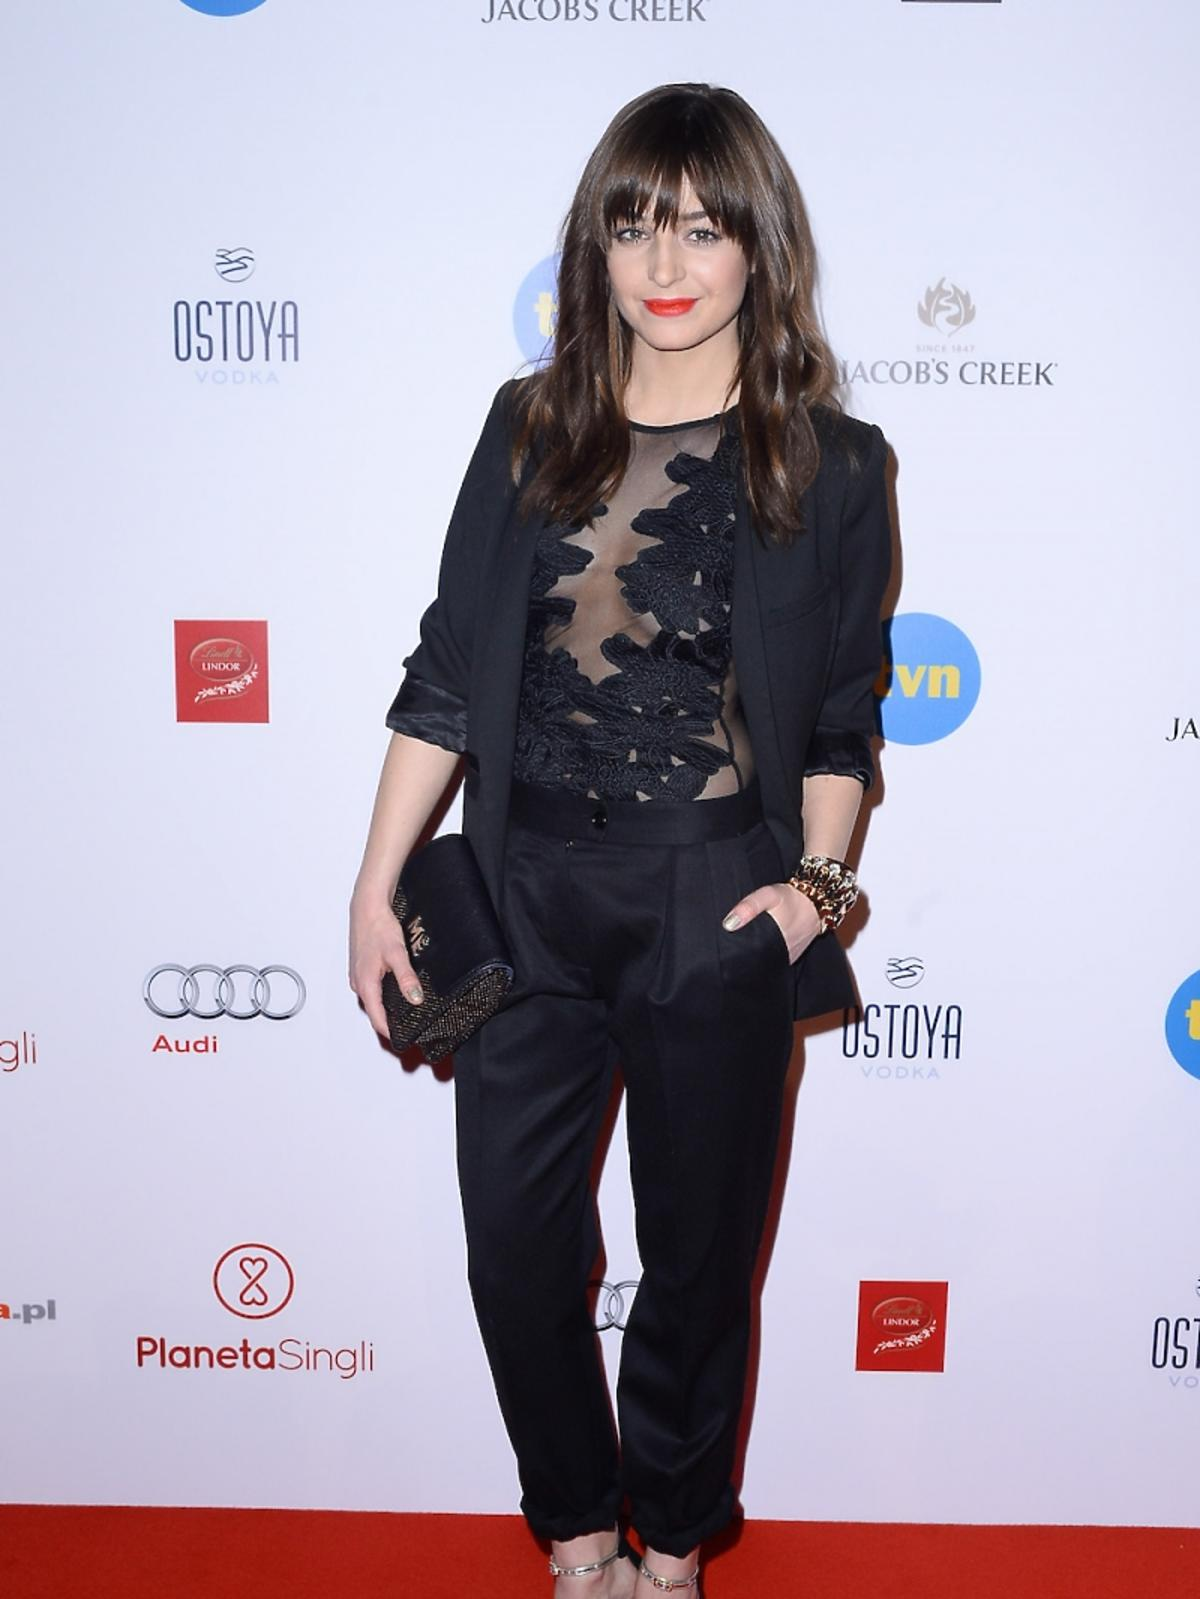 Agnieszka Więdłocha w czarnym garniturze i transparentnej bluzce z wzorem, szpilach z torebką